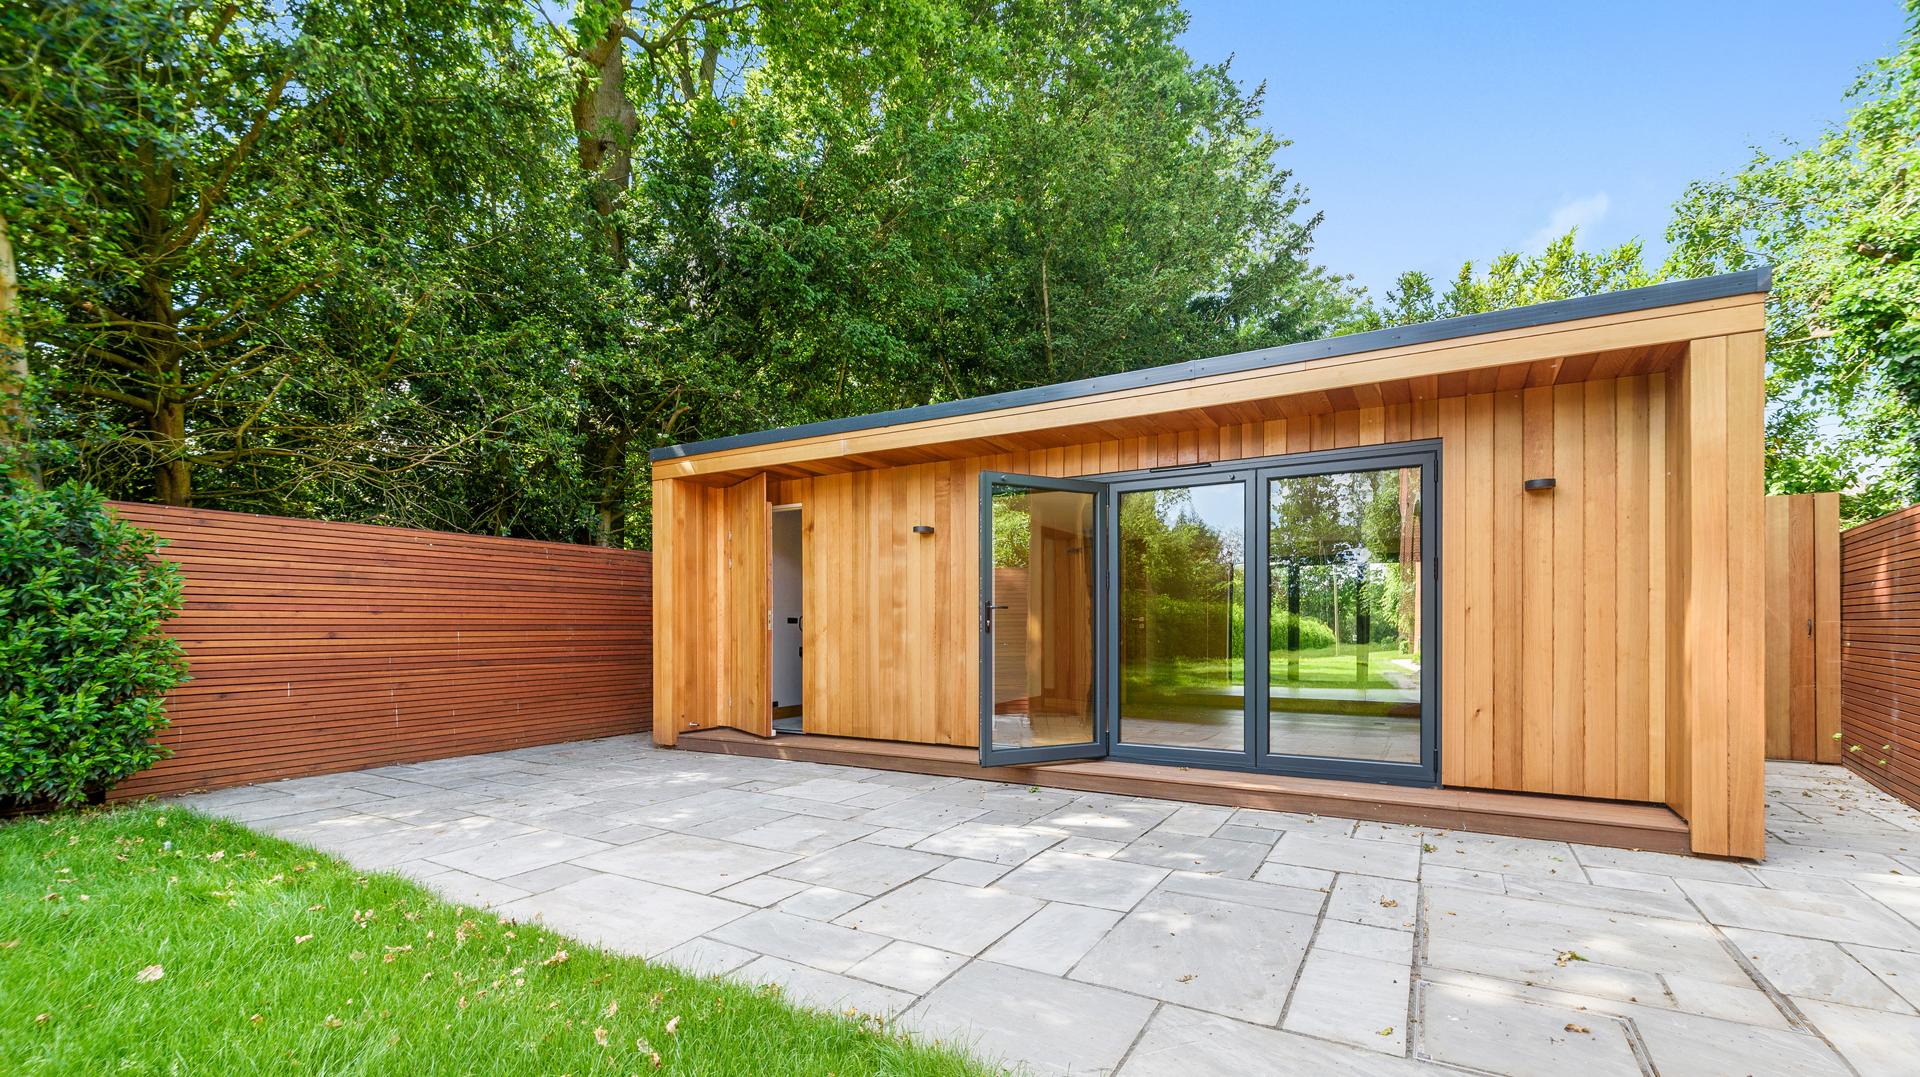 Essex large garden room